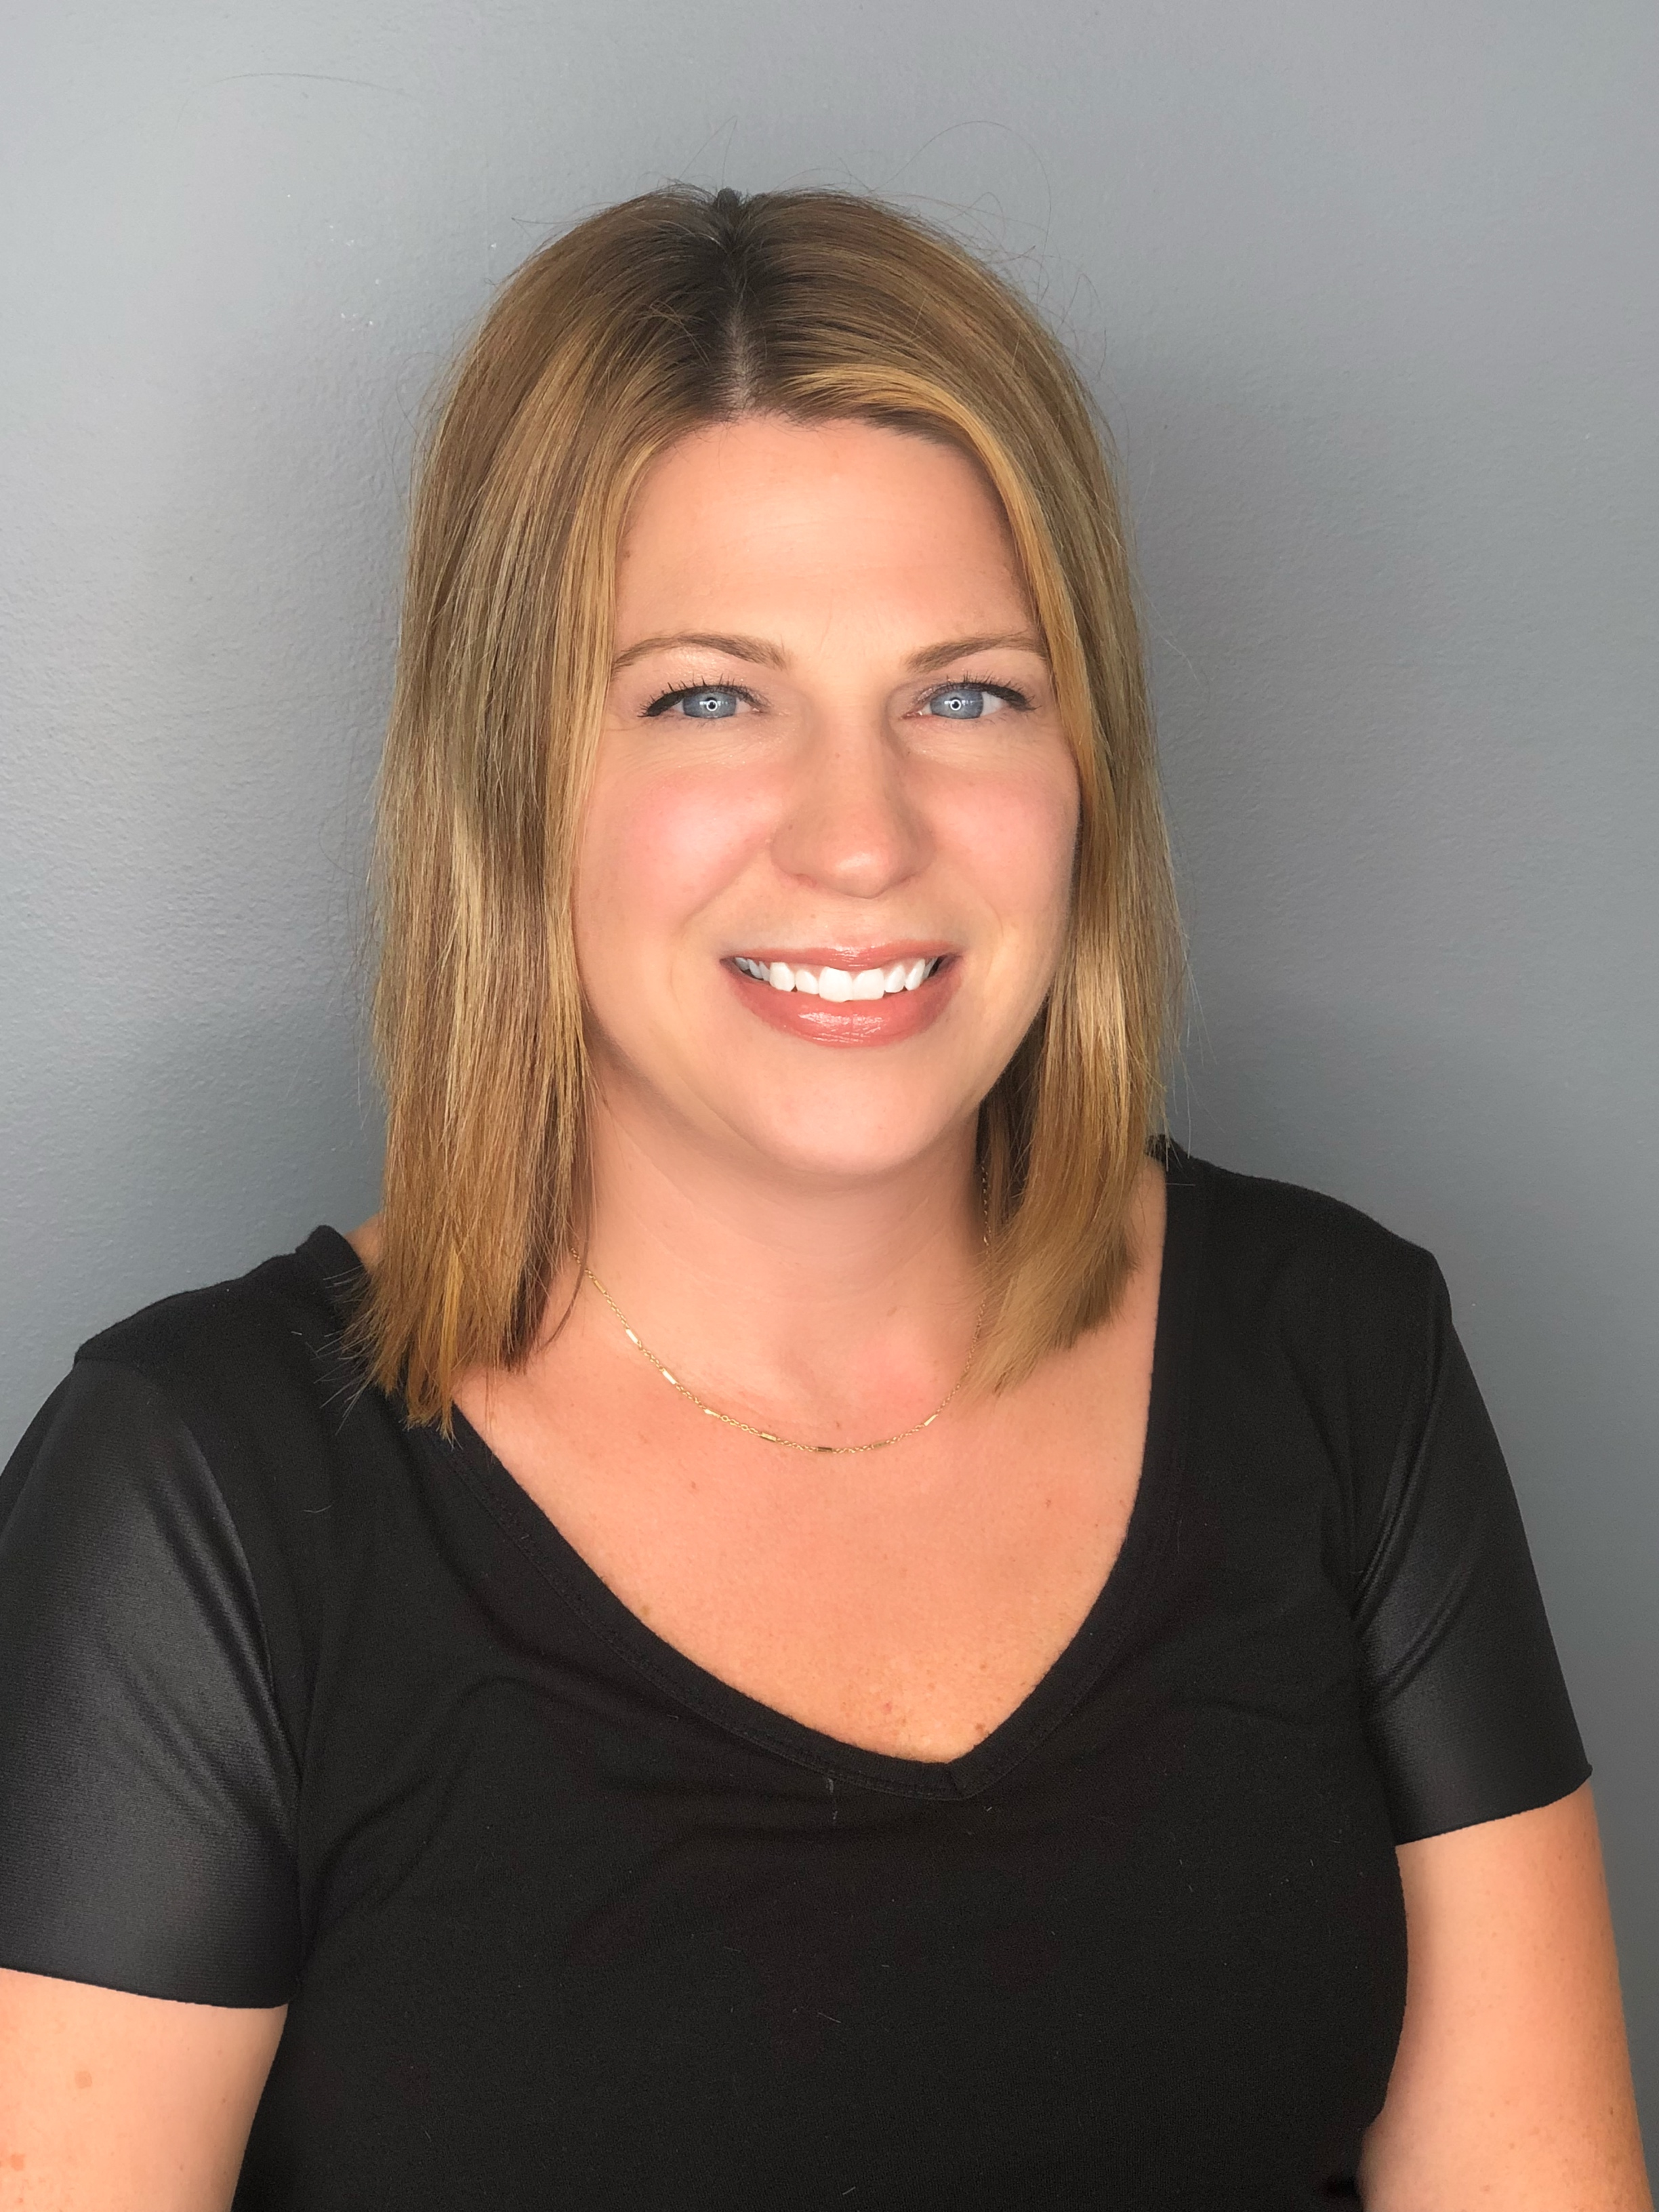 Erin Dorsch